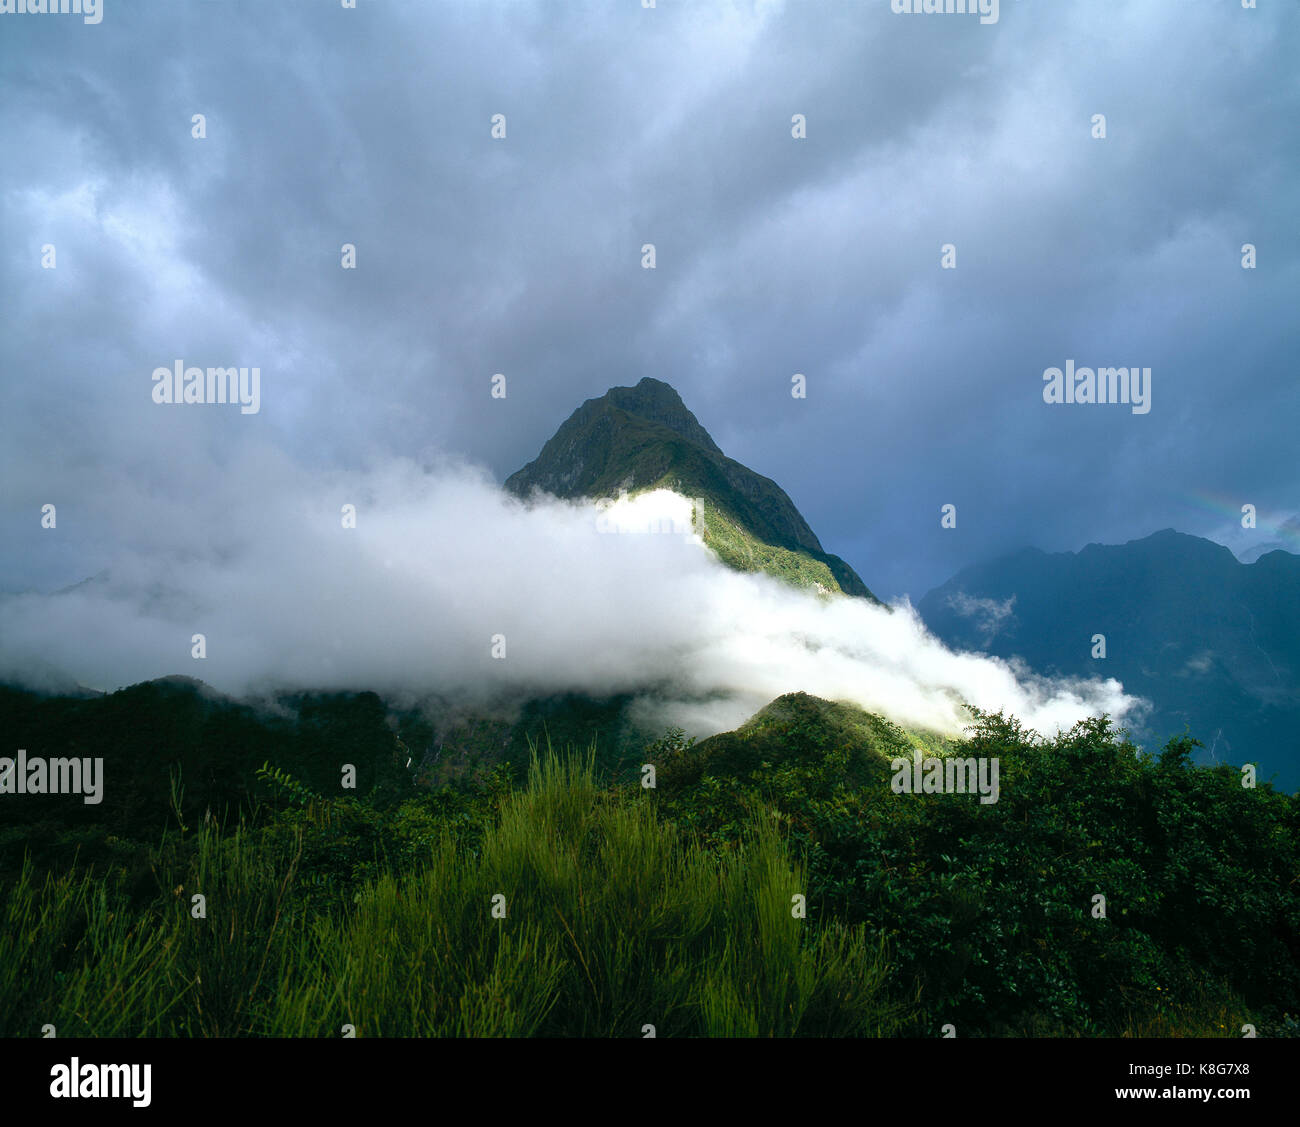 La Nouvelle-Zélande. Milford Sound. faible niveau nuage au-dessus de montagne. Photo Stock